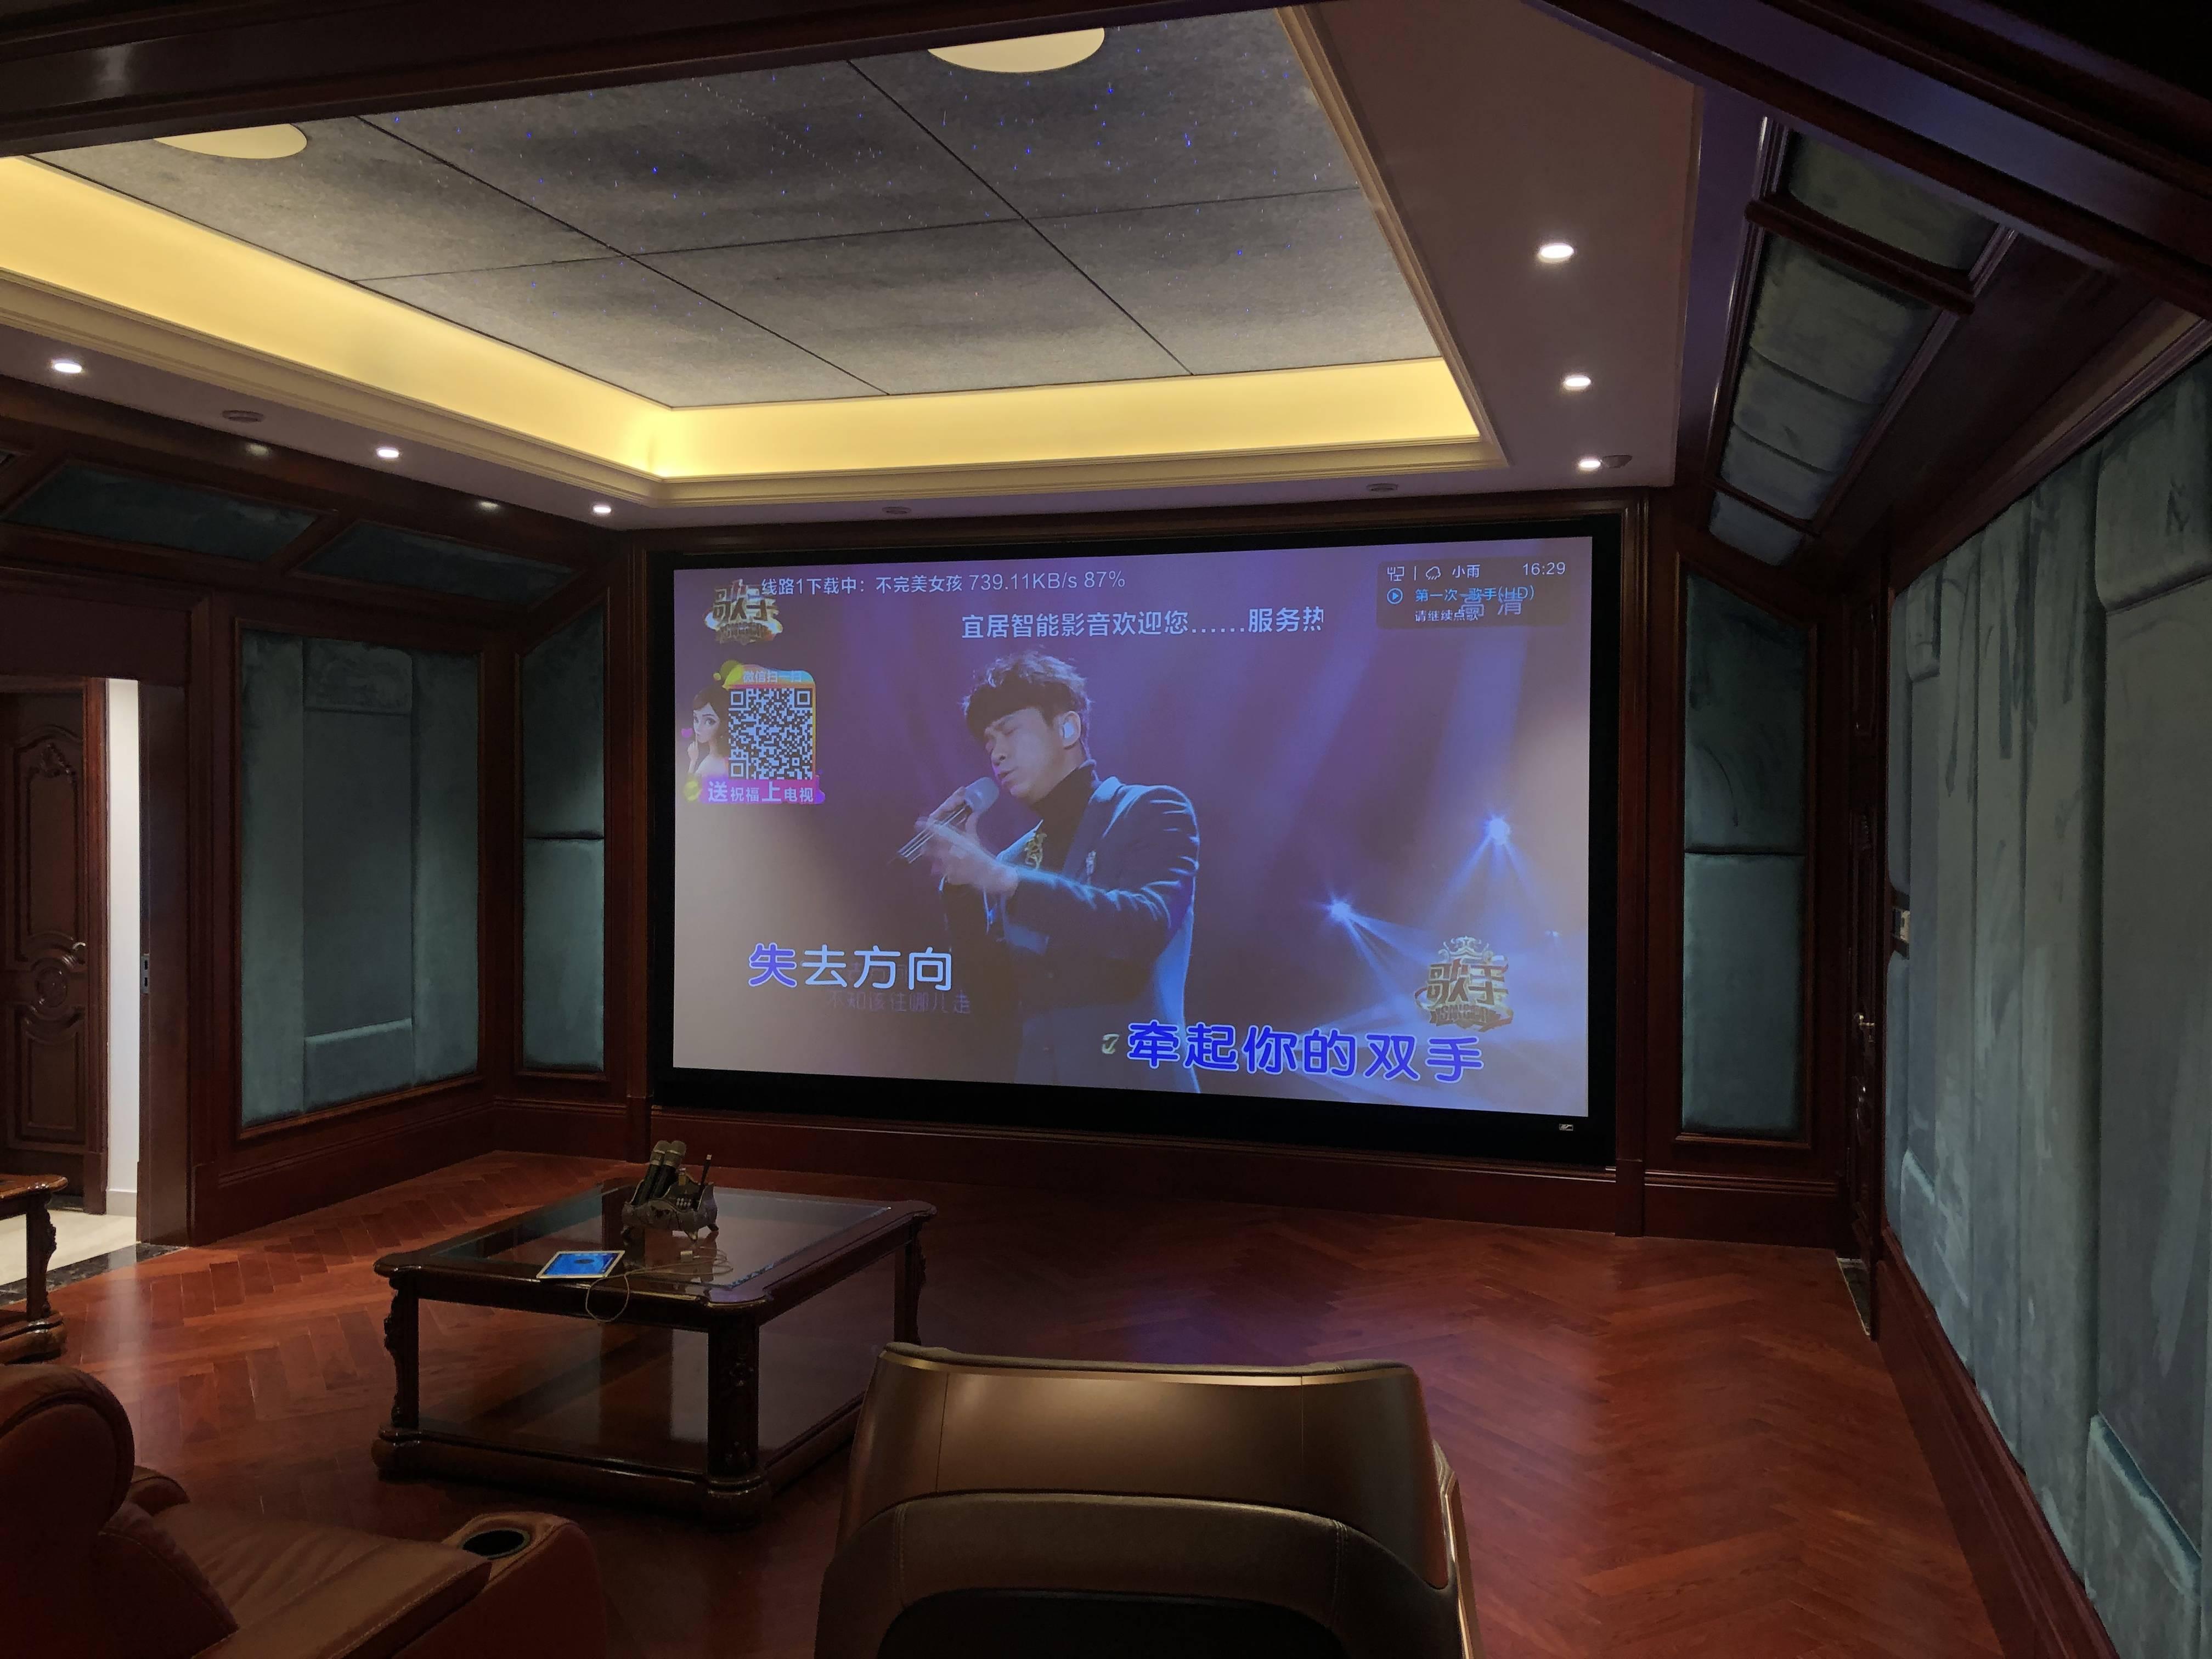 54平别墅家庭影音室,4K大屏画面+7.2.4震撼音效,不忍拒绝!